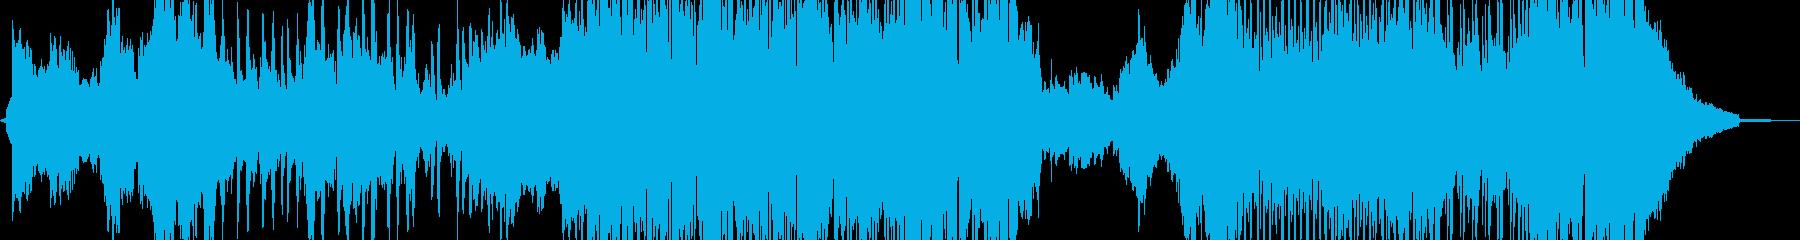 魔法・乙女チックなテクノポップ 短尺Aの再生済みの波形